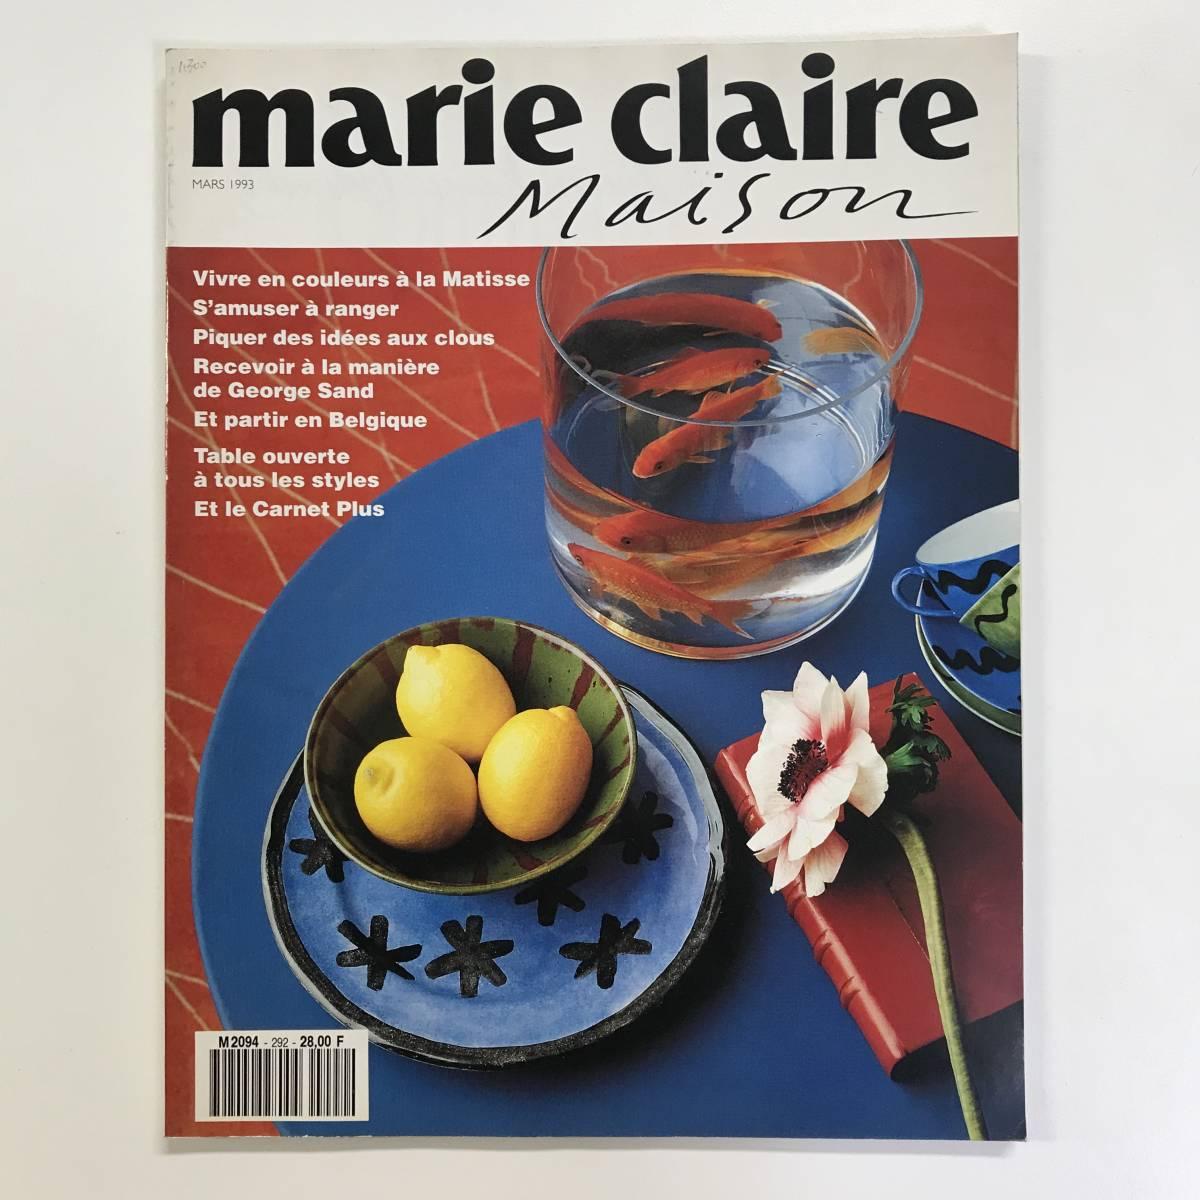 Marie Claire Maison N292 .mars1993 Yt00512_f7_画像1